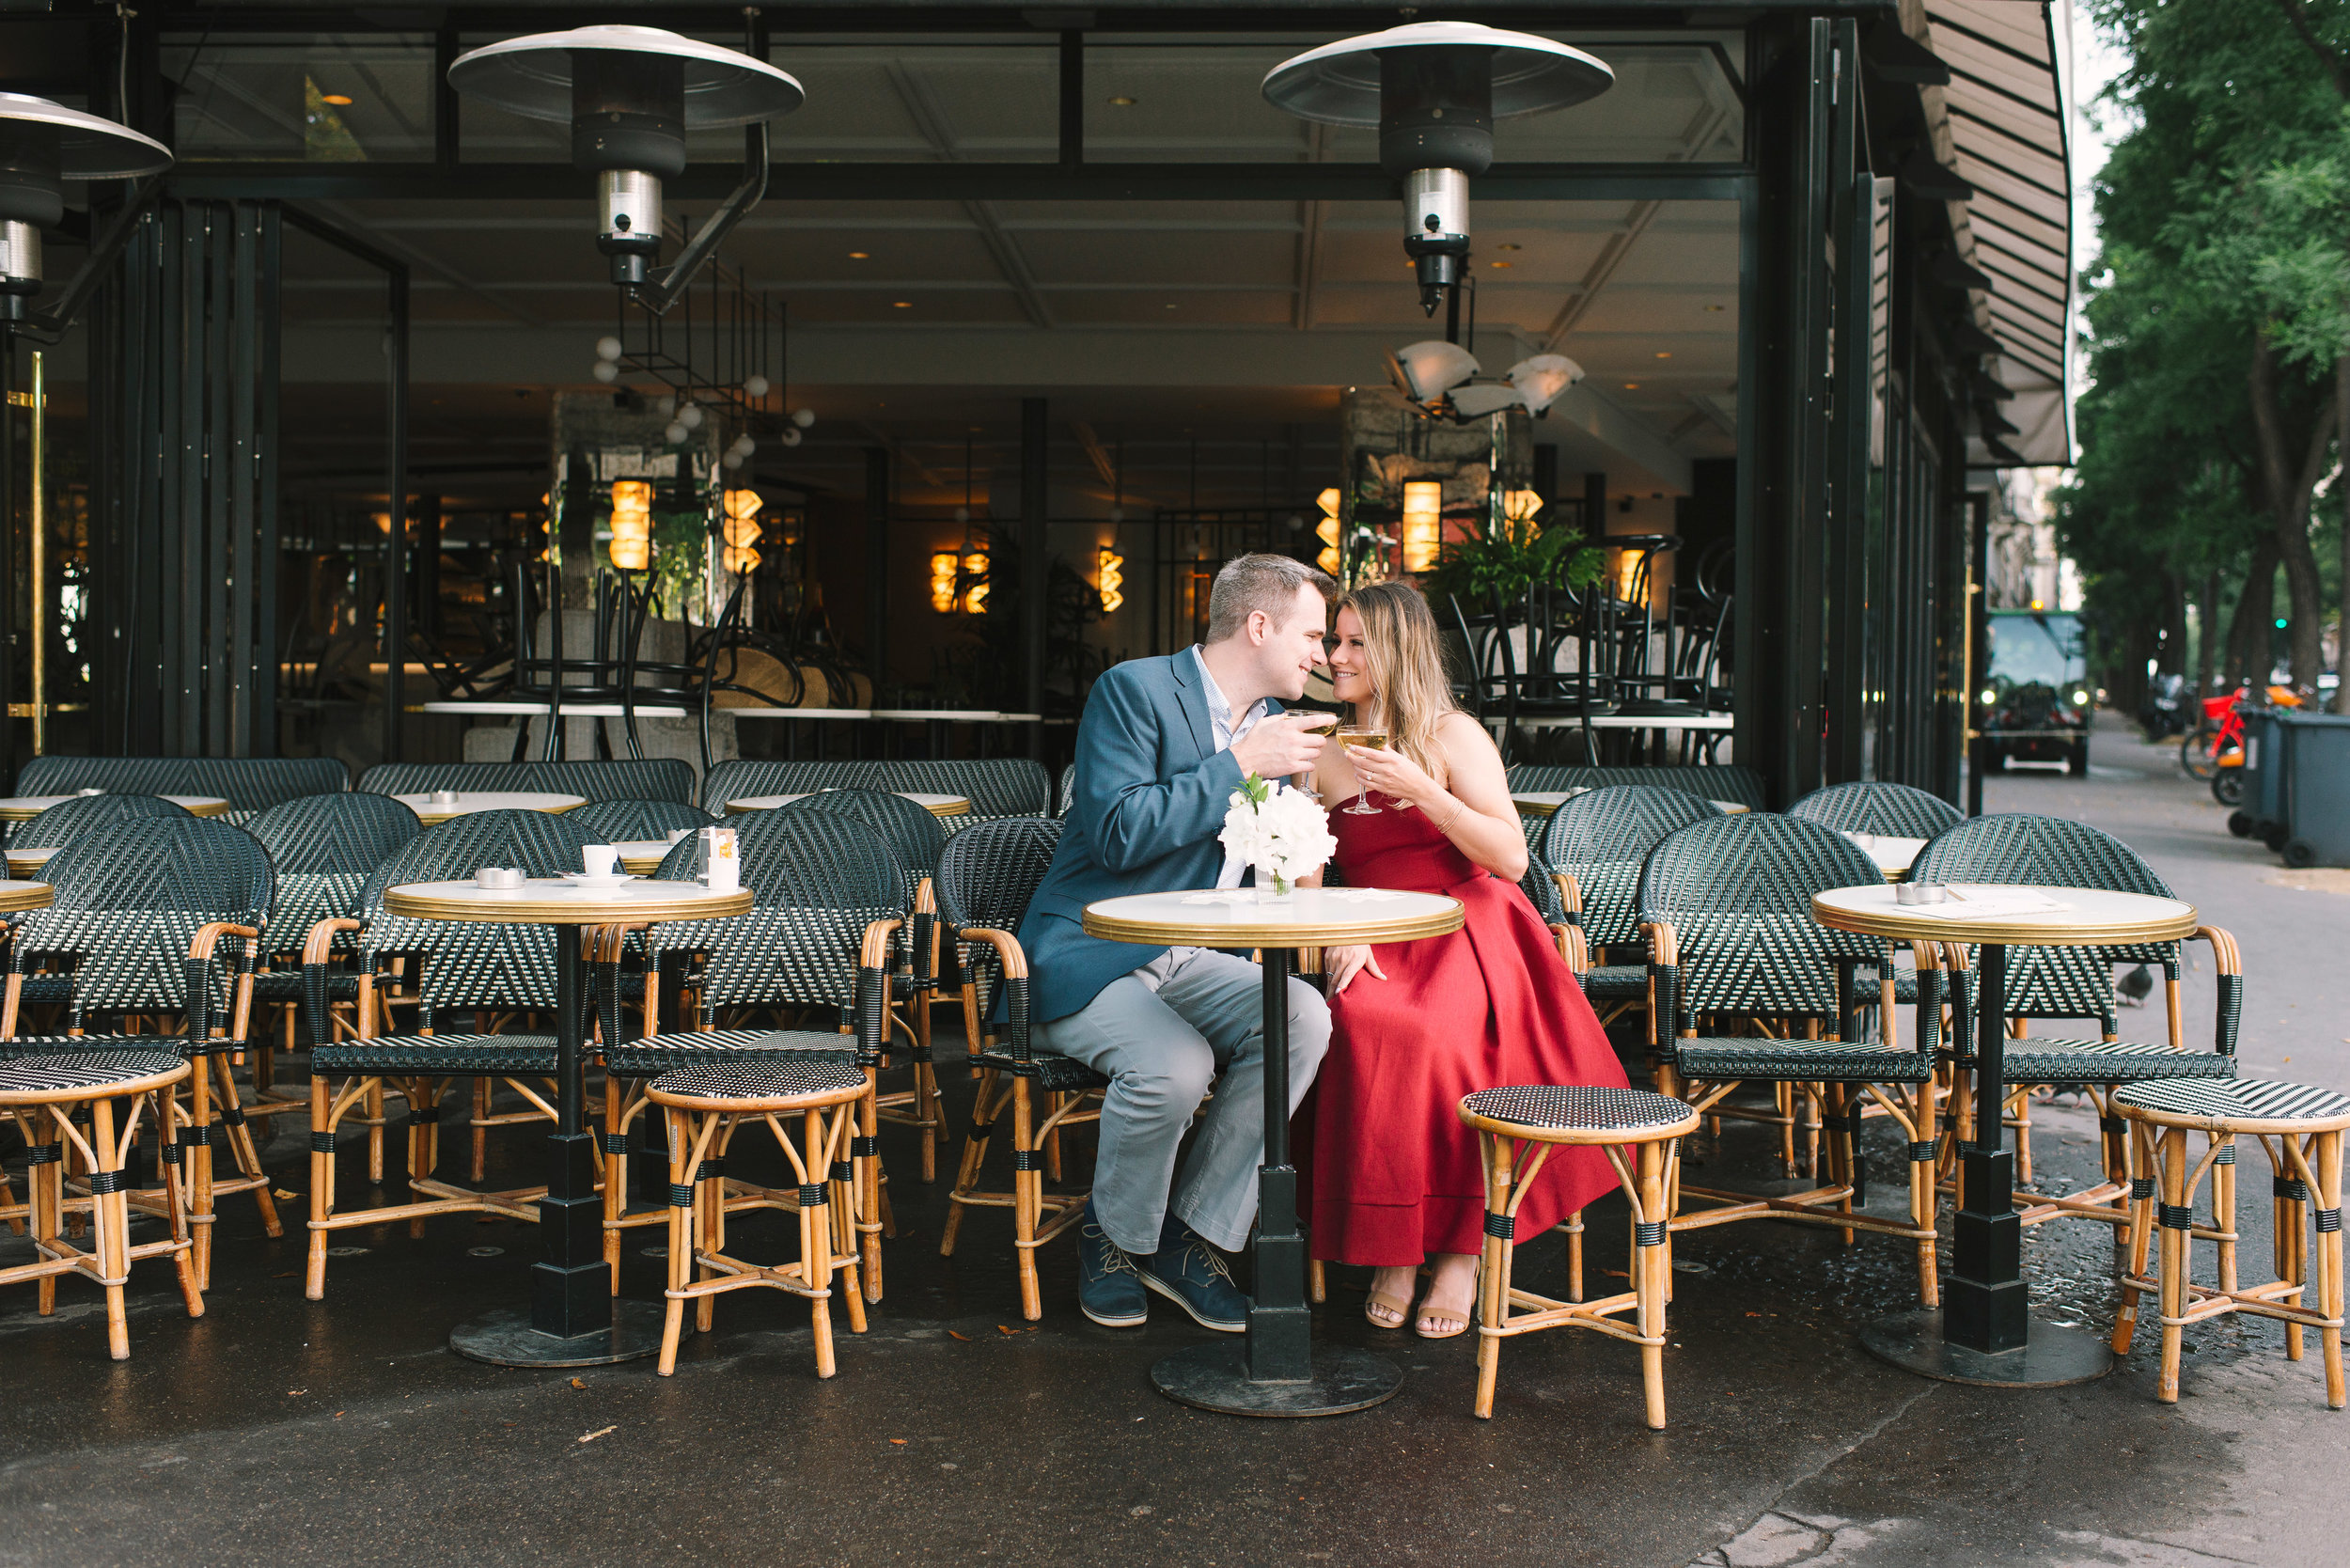 Couple-portrait-session-Paris-EiffelTower-Seine-Cafe128.jpg